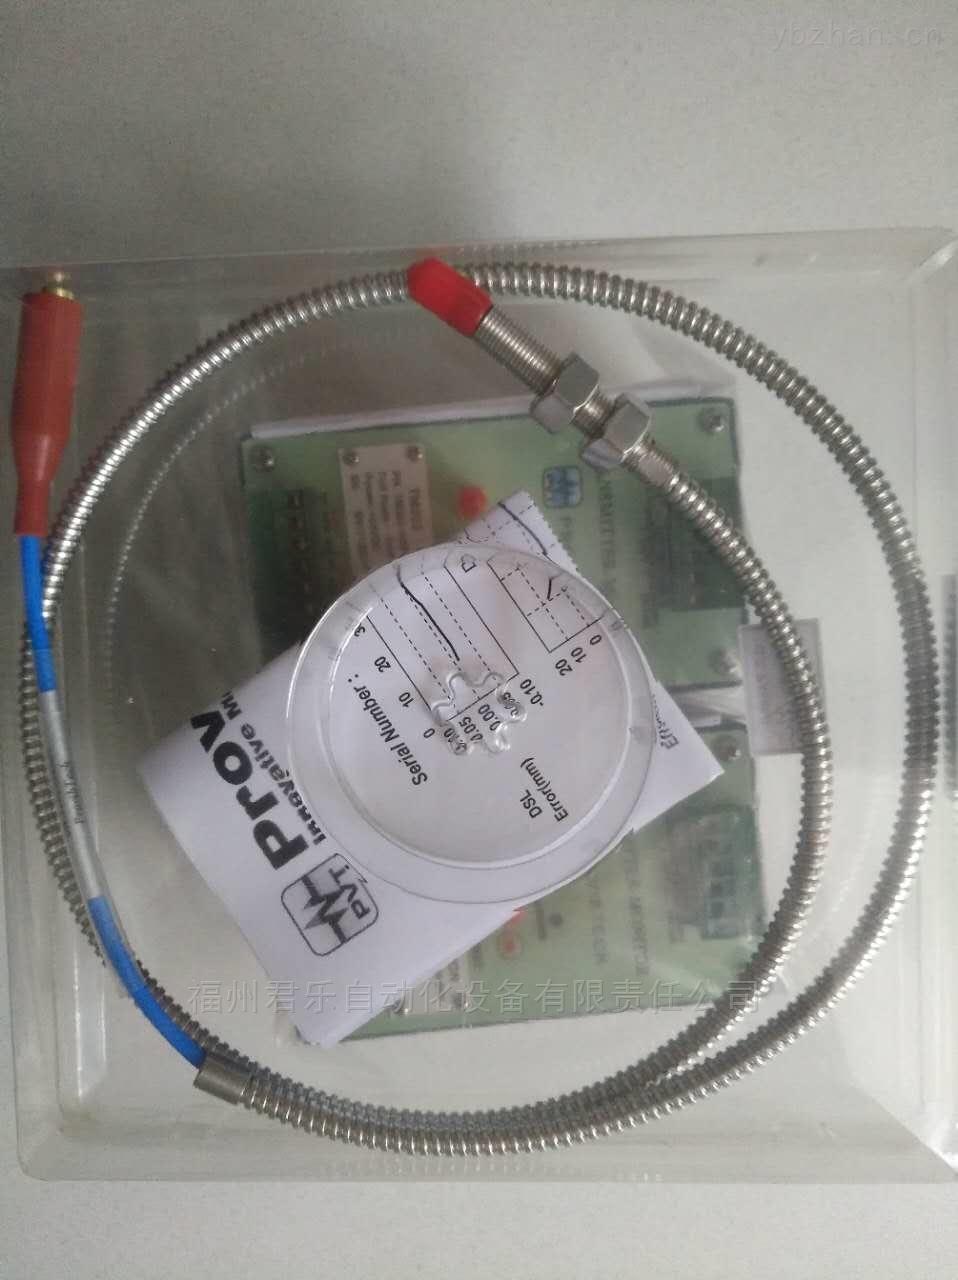 TM900-TM900電源轉換器ProvibTech